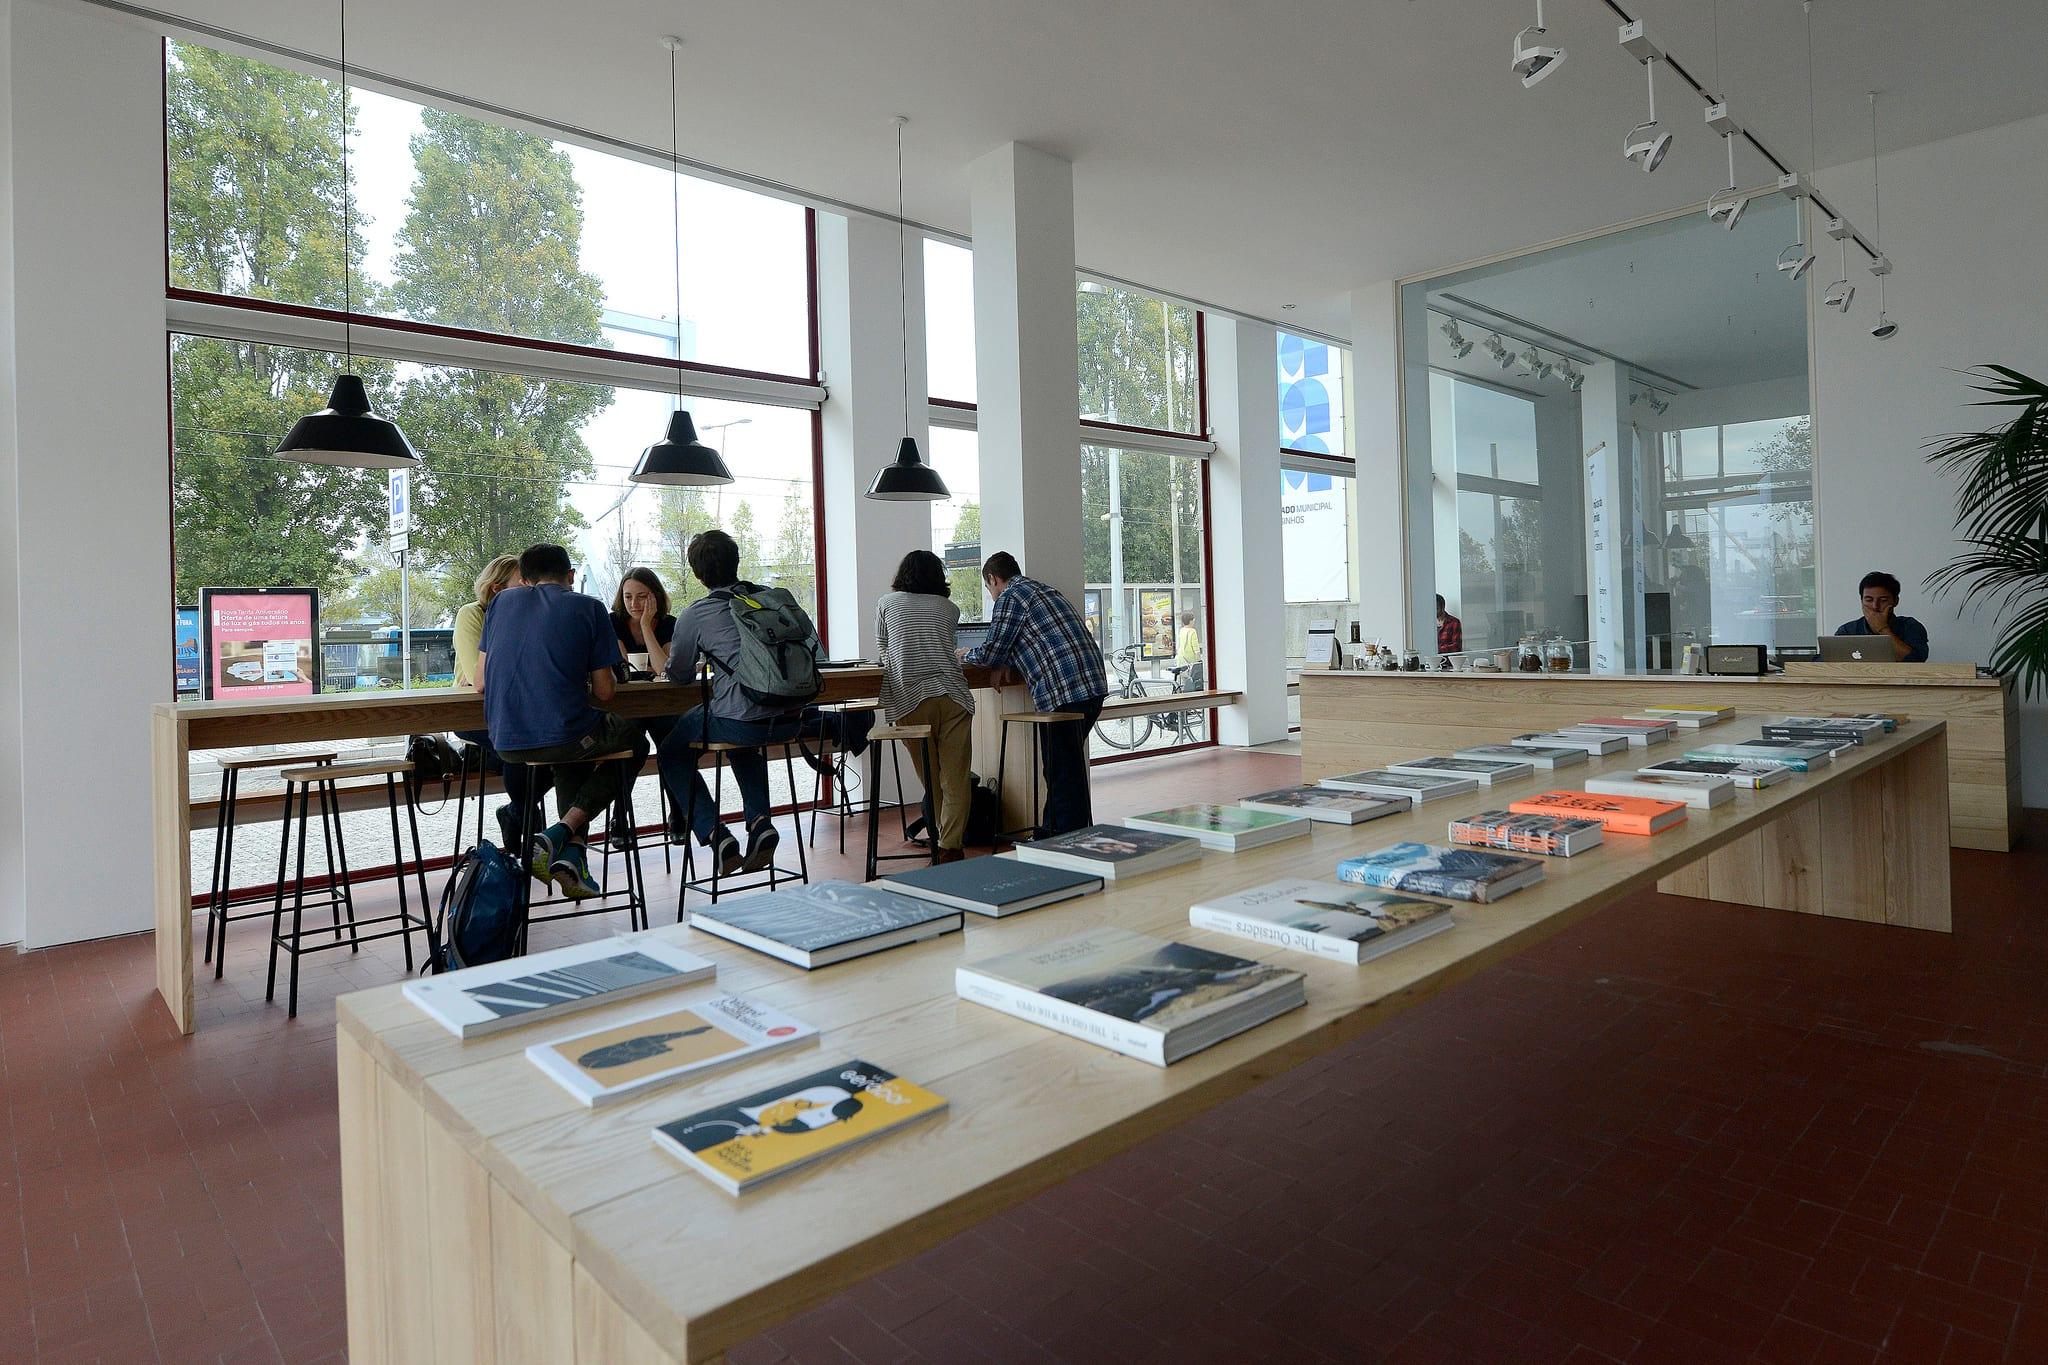 PÚBLICO - Matosinhos inaugura terceiro pólo dedicado ao design na cidade